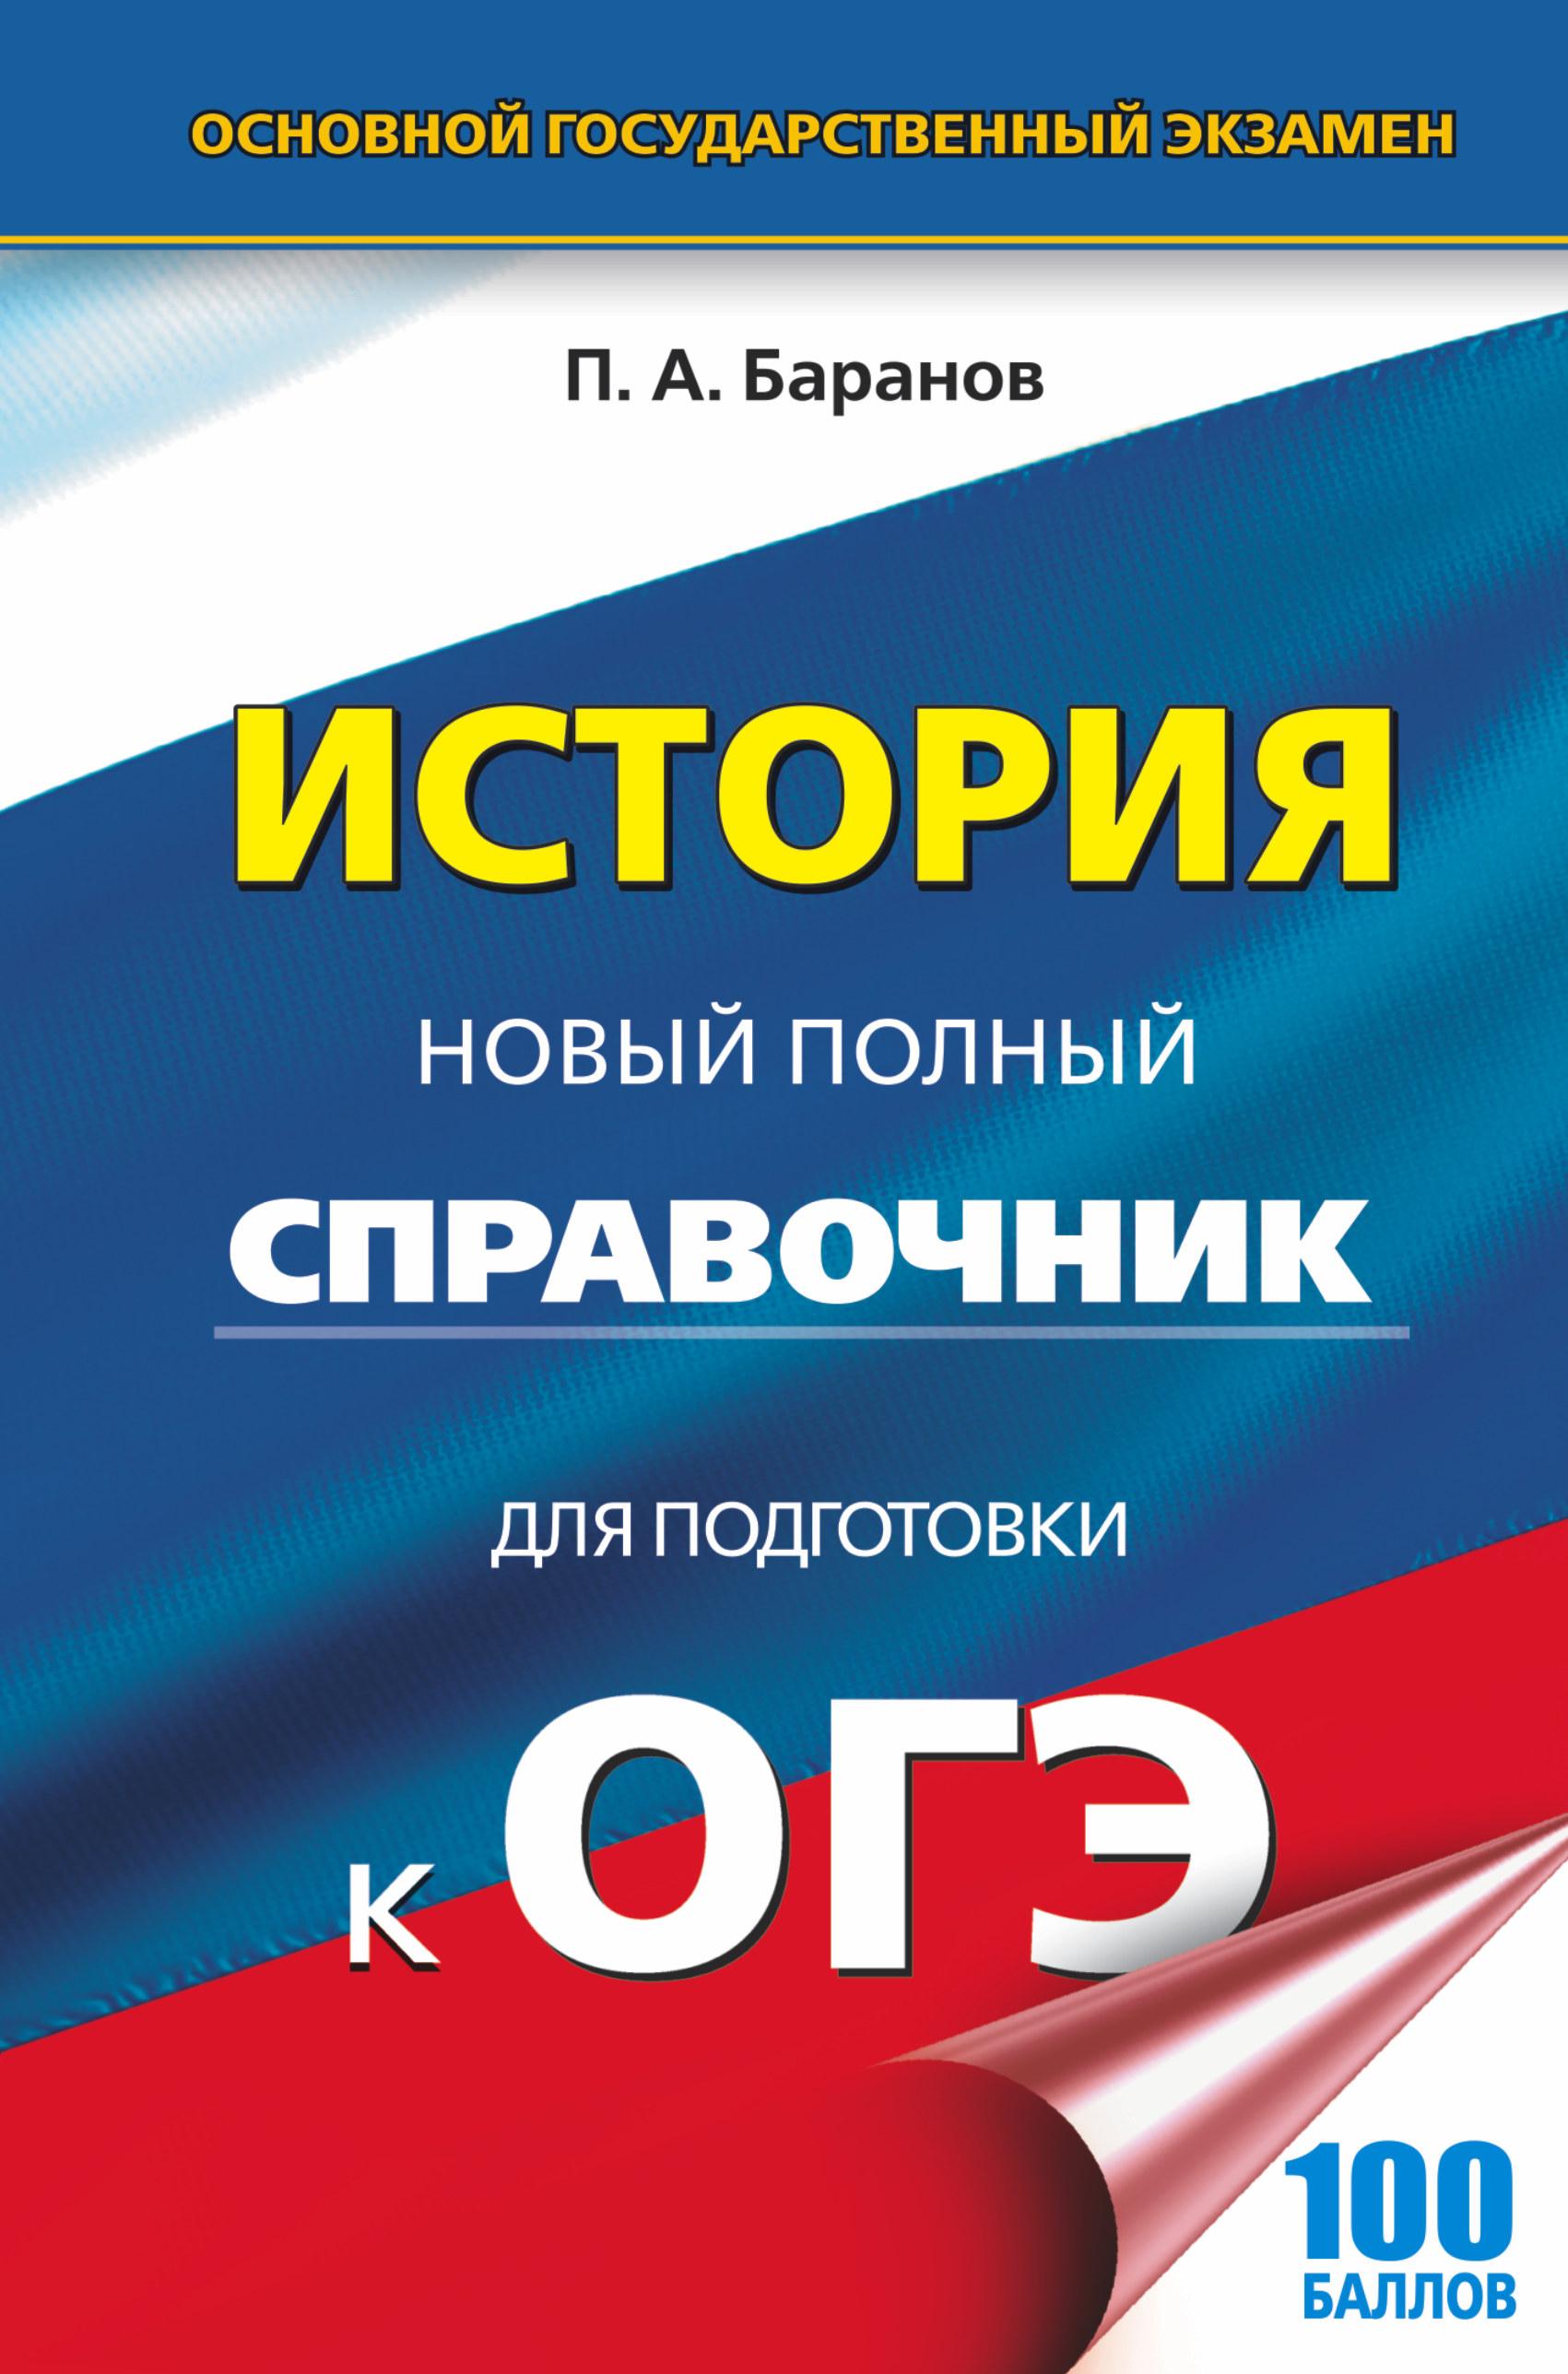 ОГЭ. История. Новый полный справочник для подготовки к ОГЭ ( Баранов П.А.  )